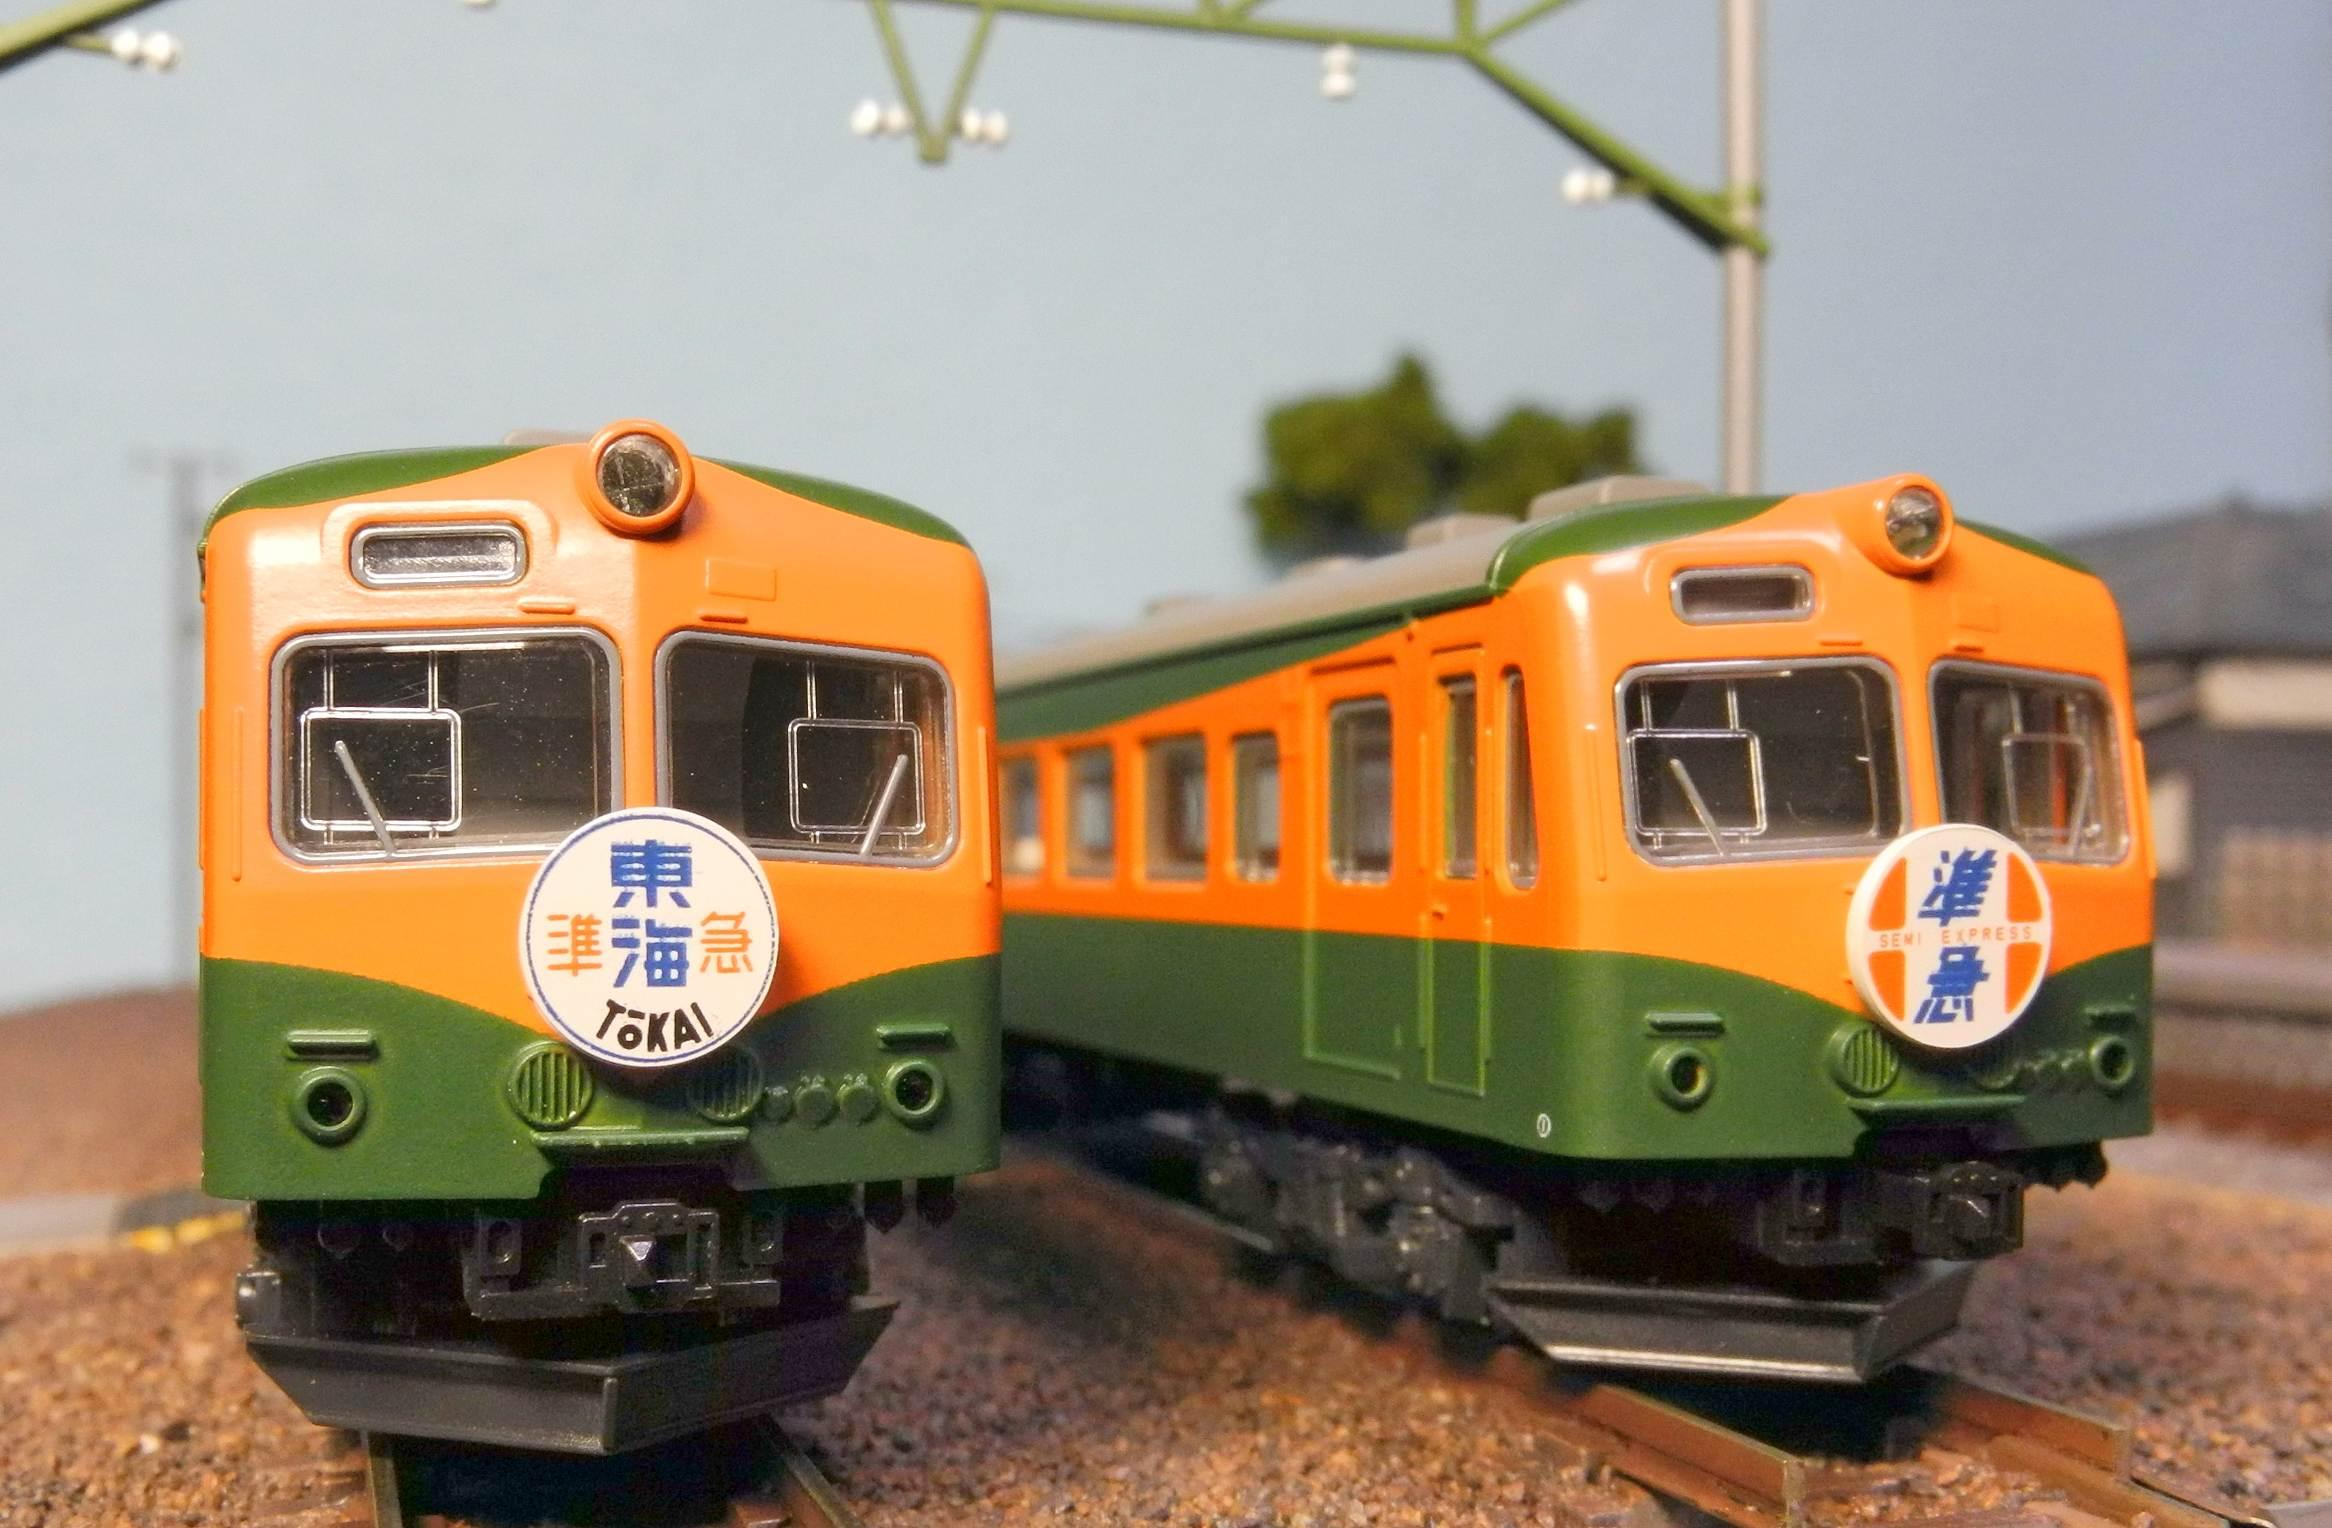 DSCN7668-1.jpg